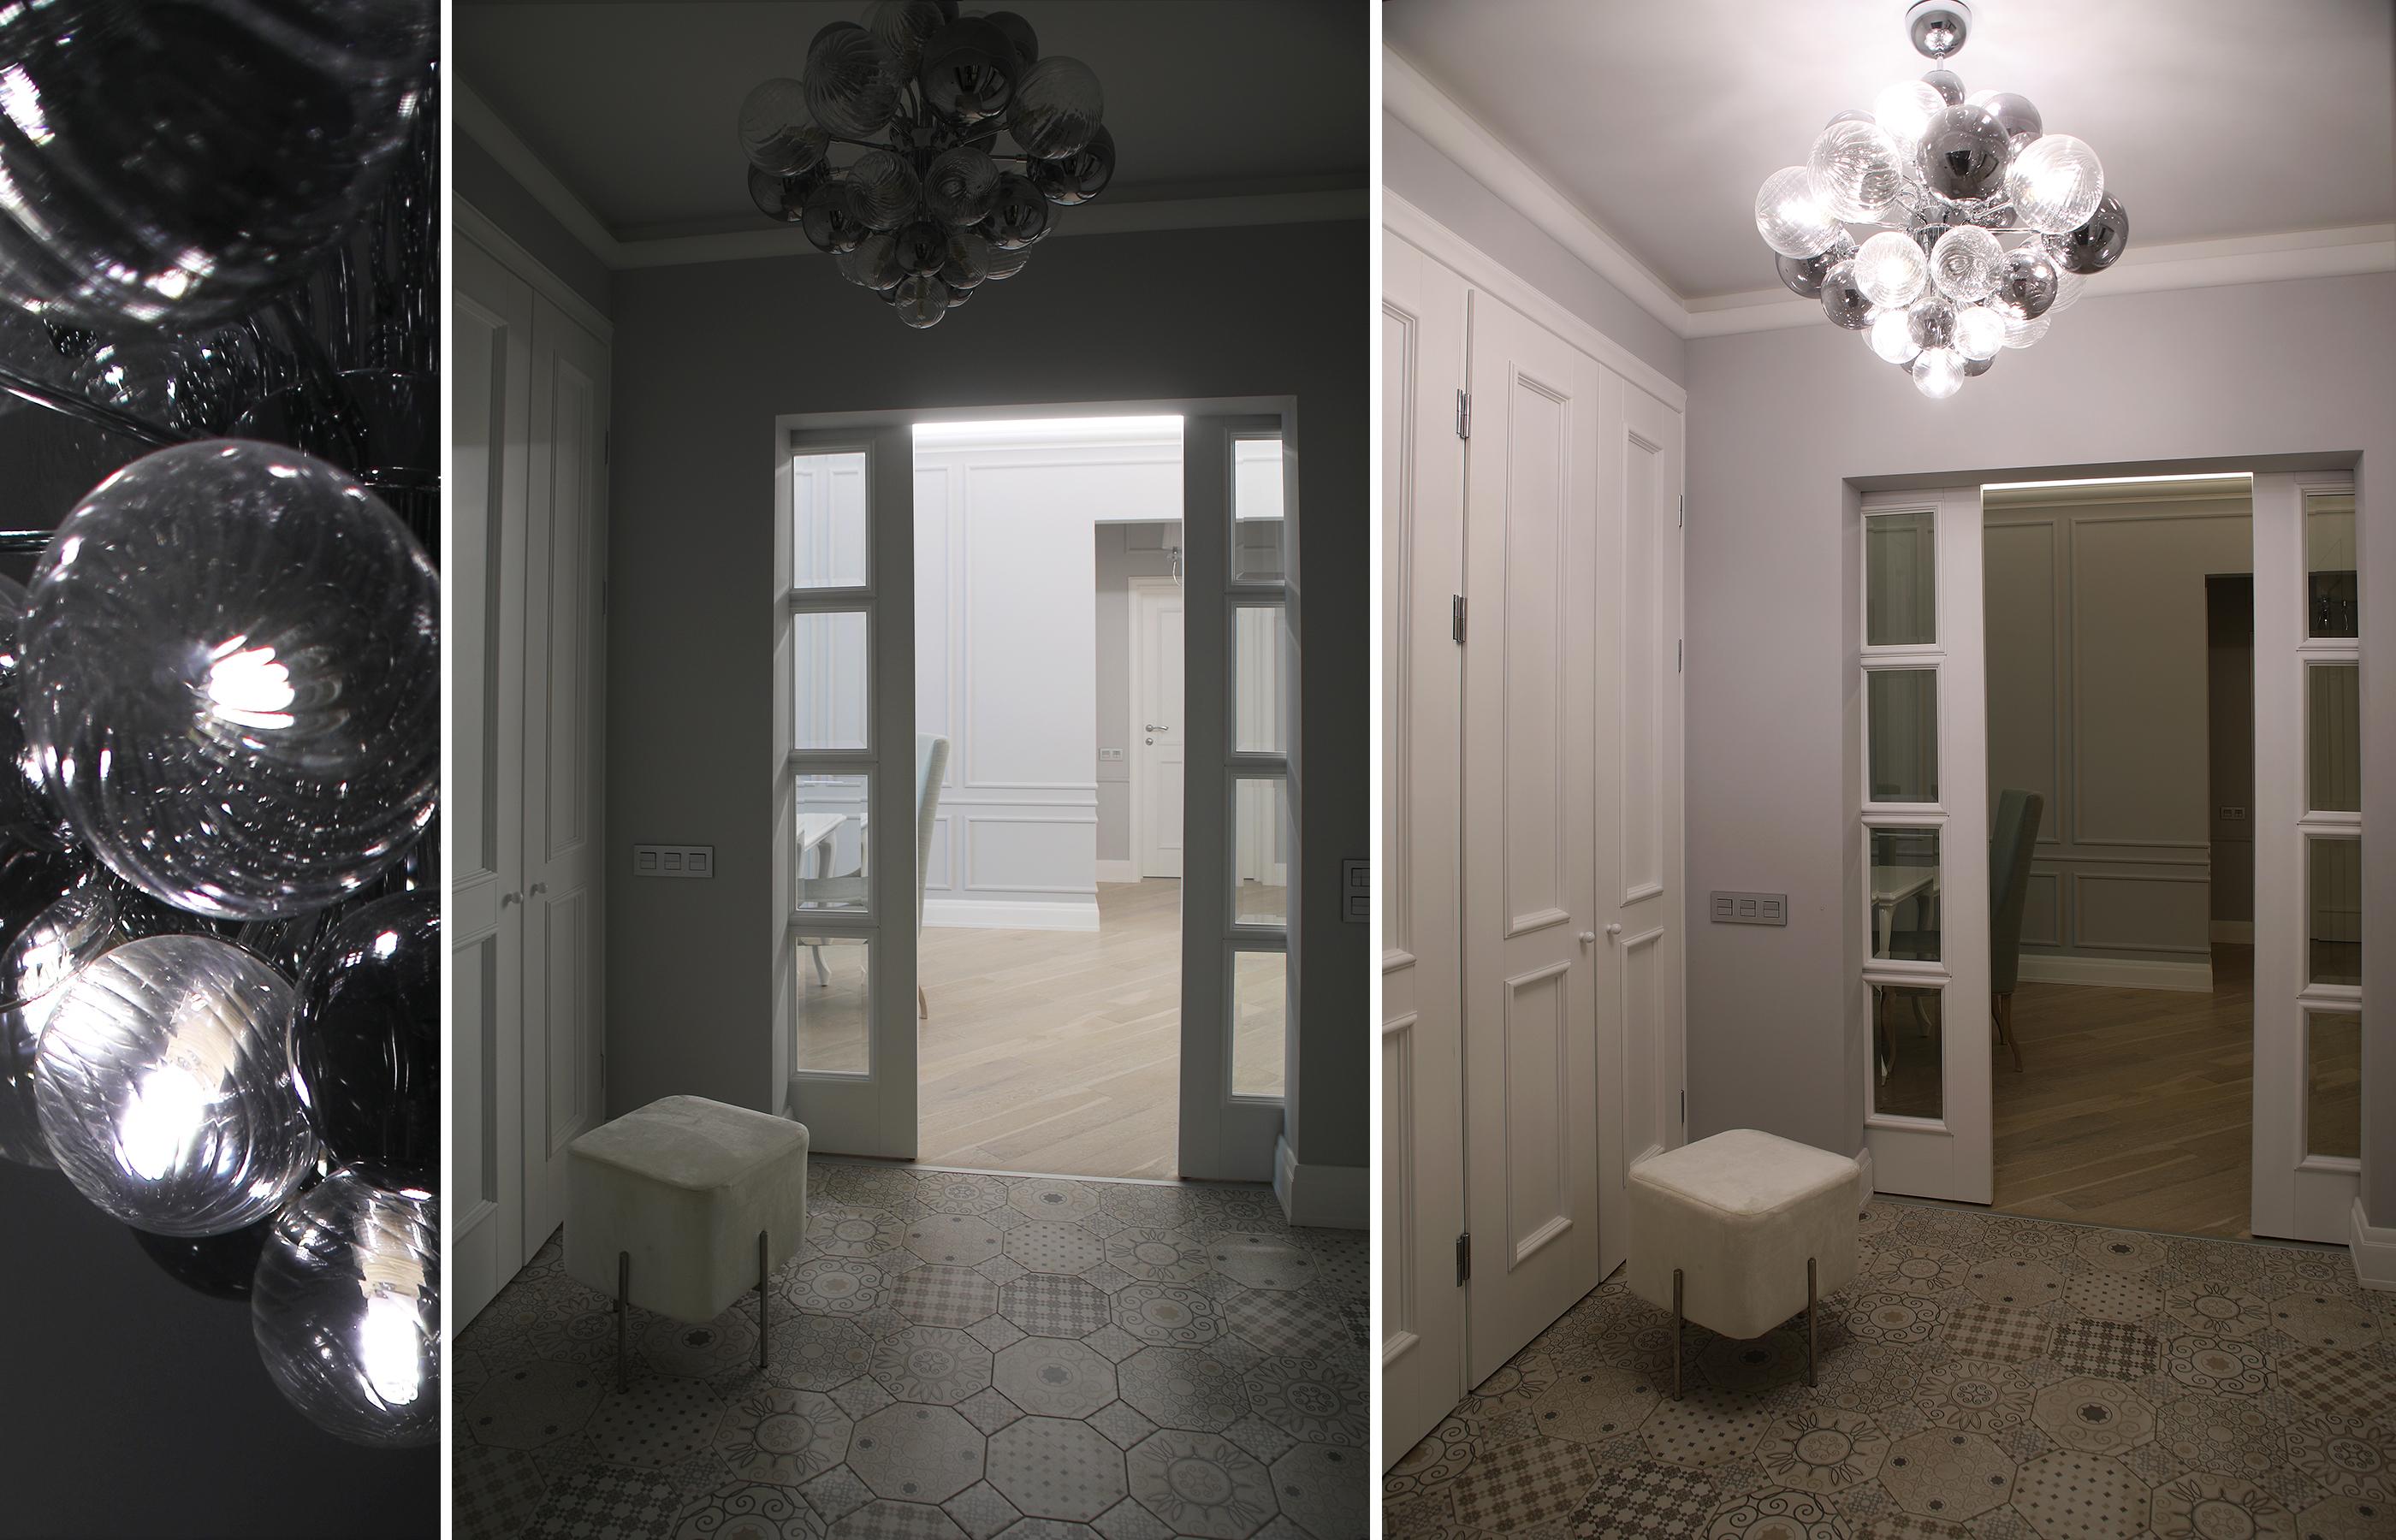 Сложно орнаментированный пол и стеклянные шары футуристичной люстры - акценты позволяющие создать неординарную атмосферу уже на входе в квартиру